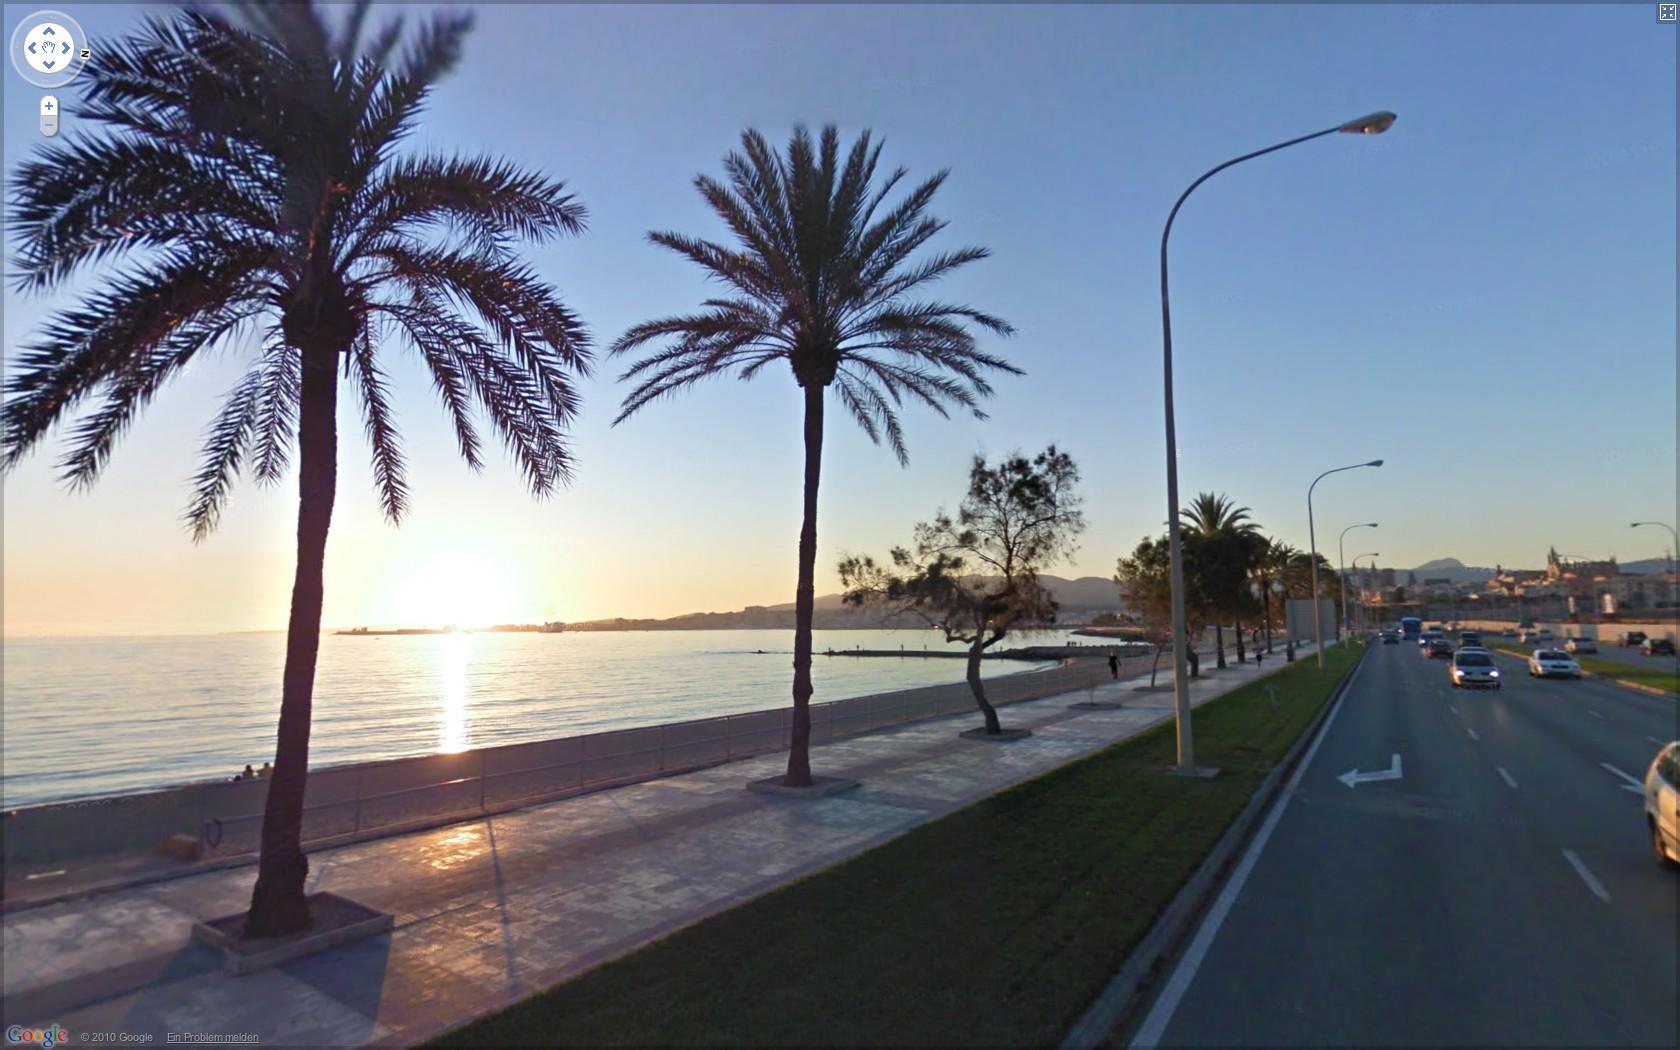 Street View: Das eigene Haus kann ab sofort verpixelt werden - Google Street View: Strandpromenade in Palma (Mallorca)